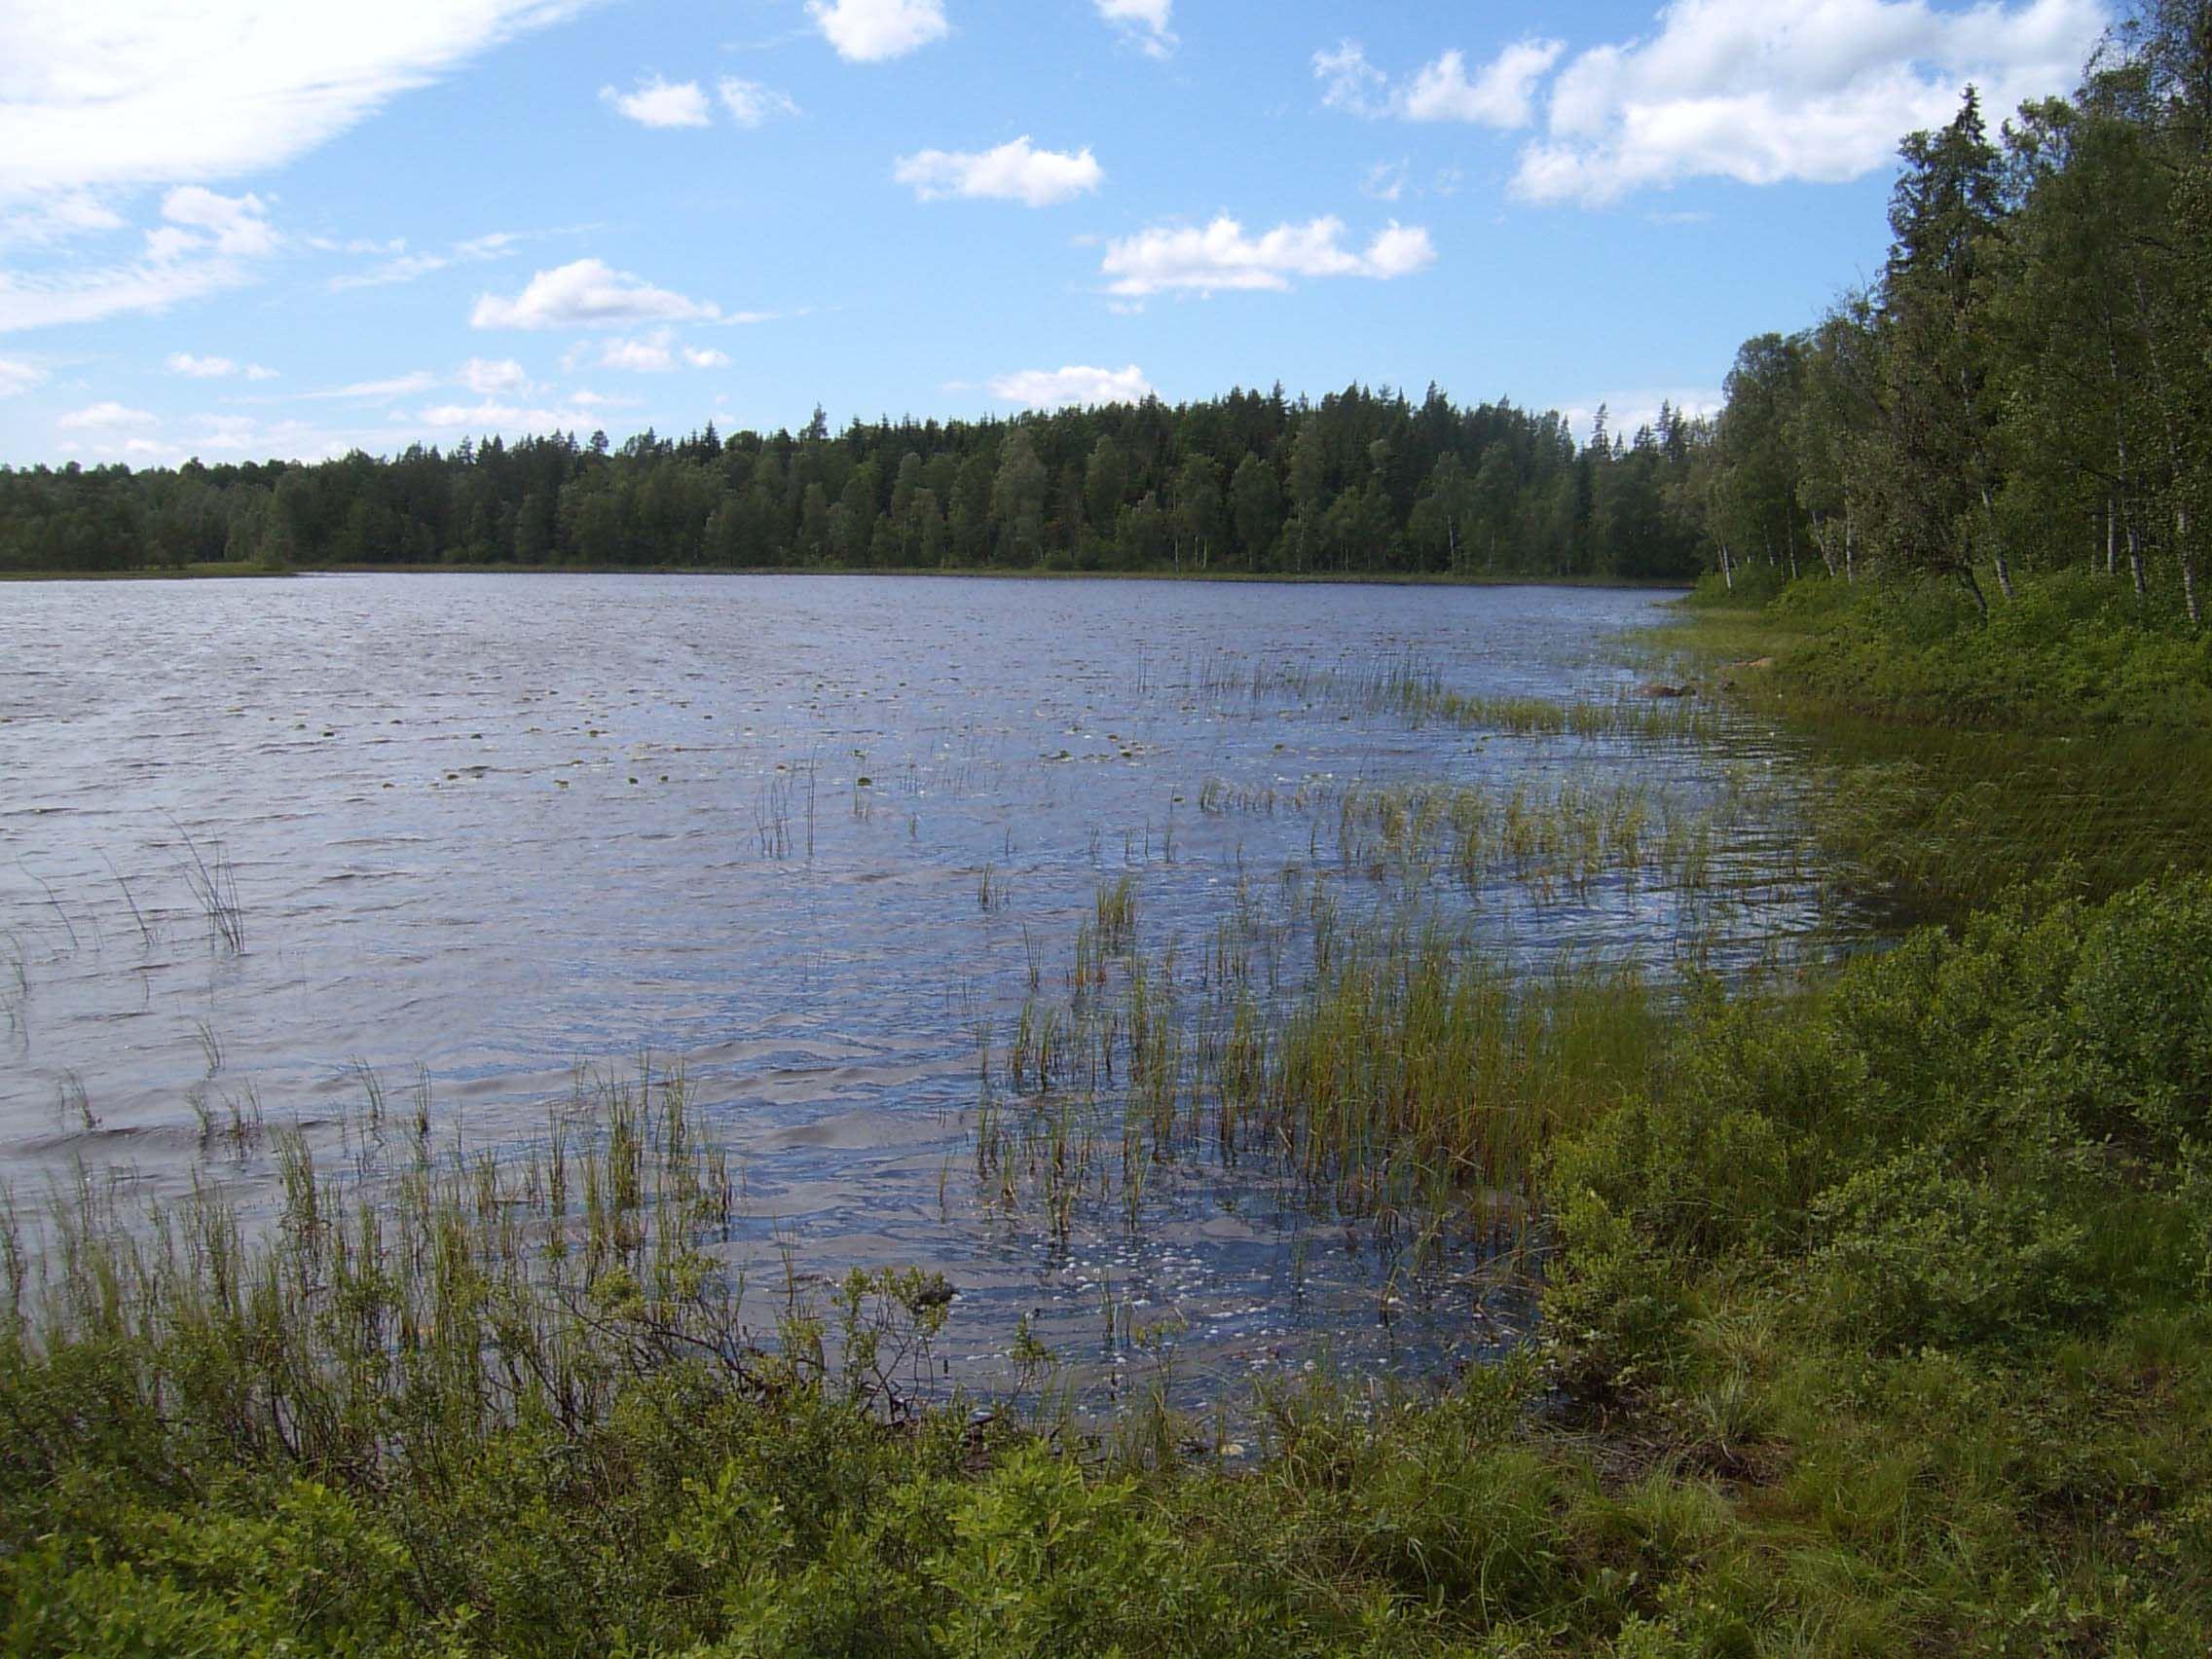 C-J Månsson, Färgsjön, Stora Hammarsjöområdet